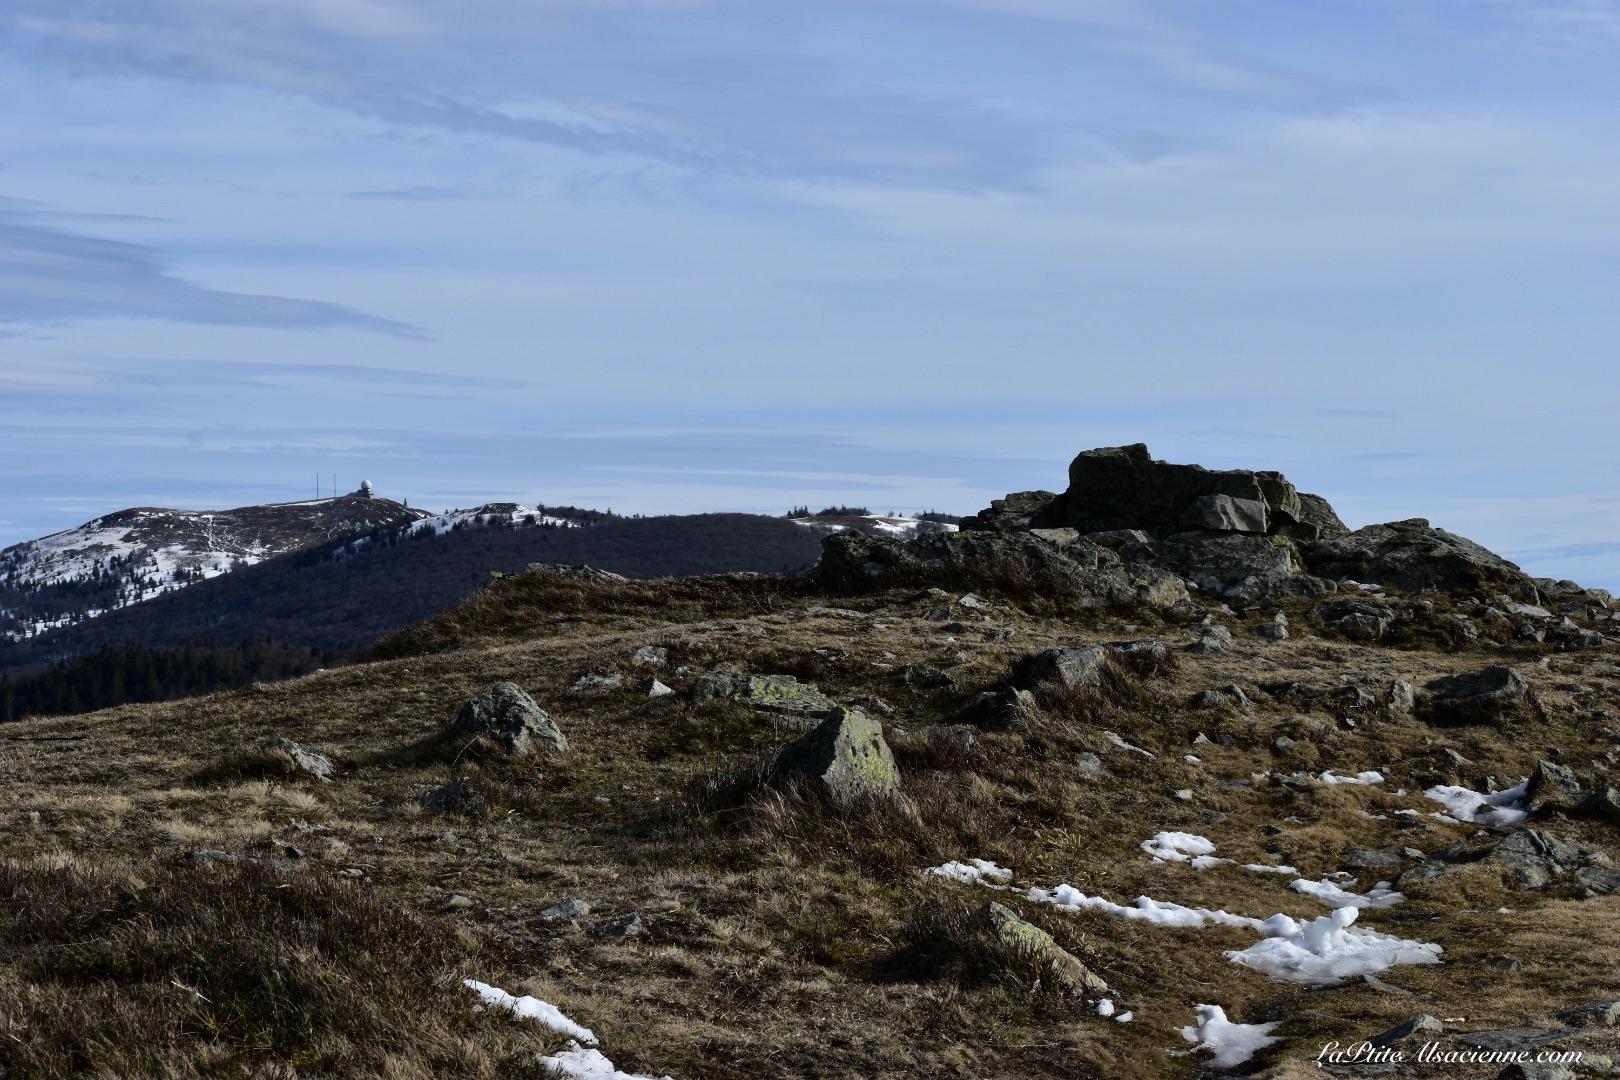 Randonnée du Markstein vers le Grand Ballon, sur les sommets. Photo by LaPtiteAlsacienne - 16 février 2021